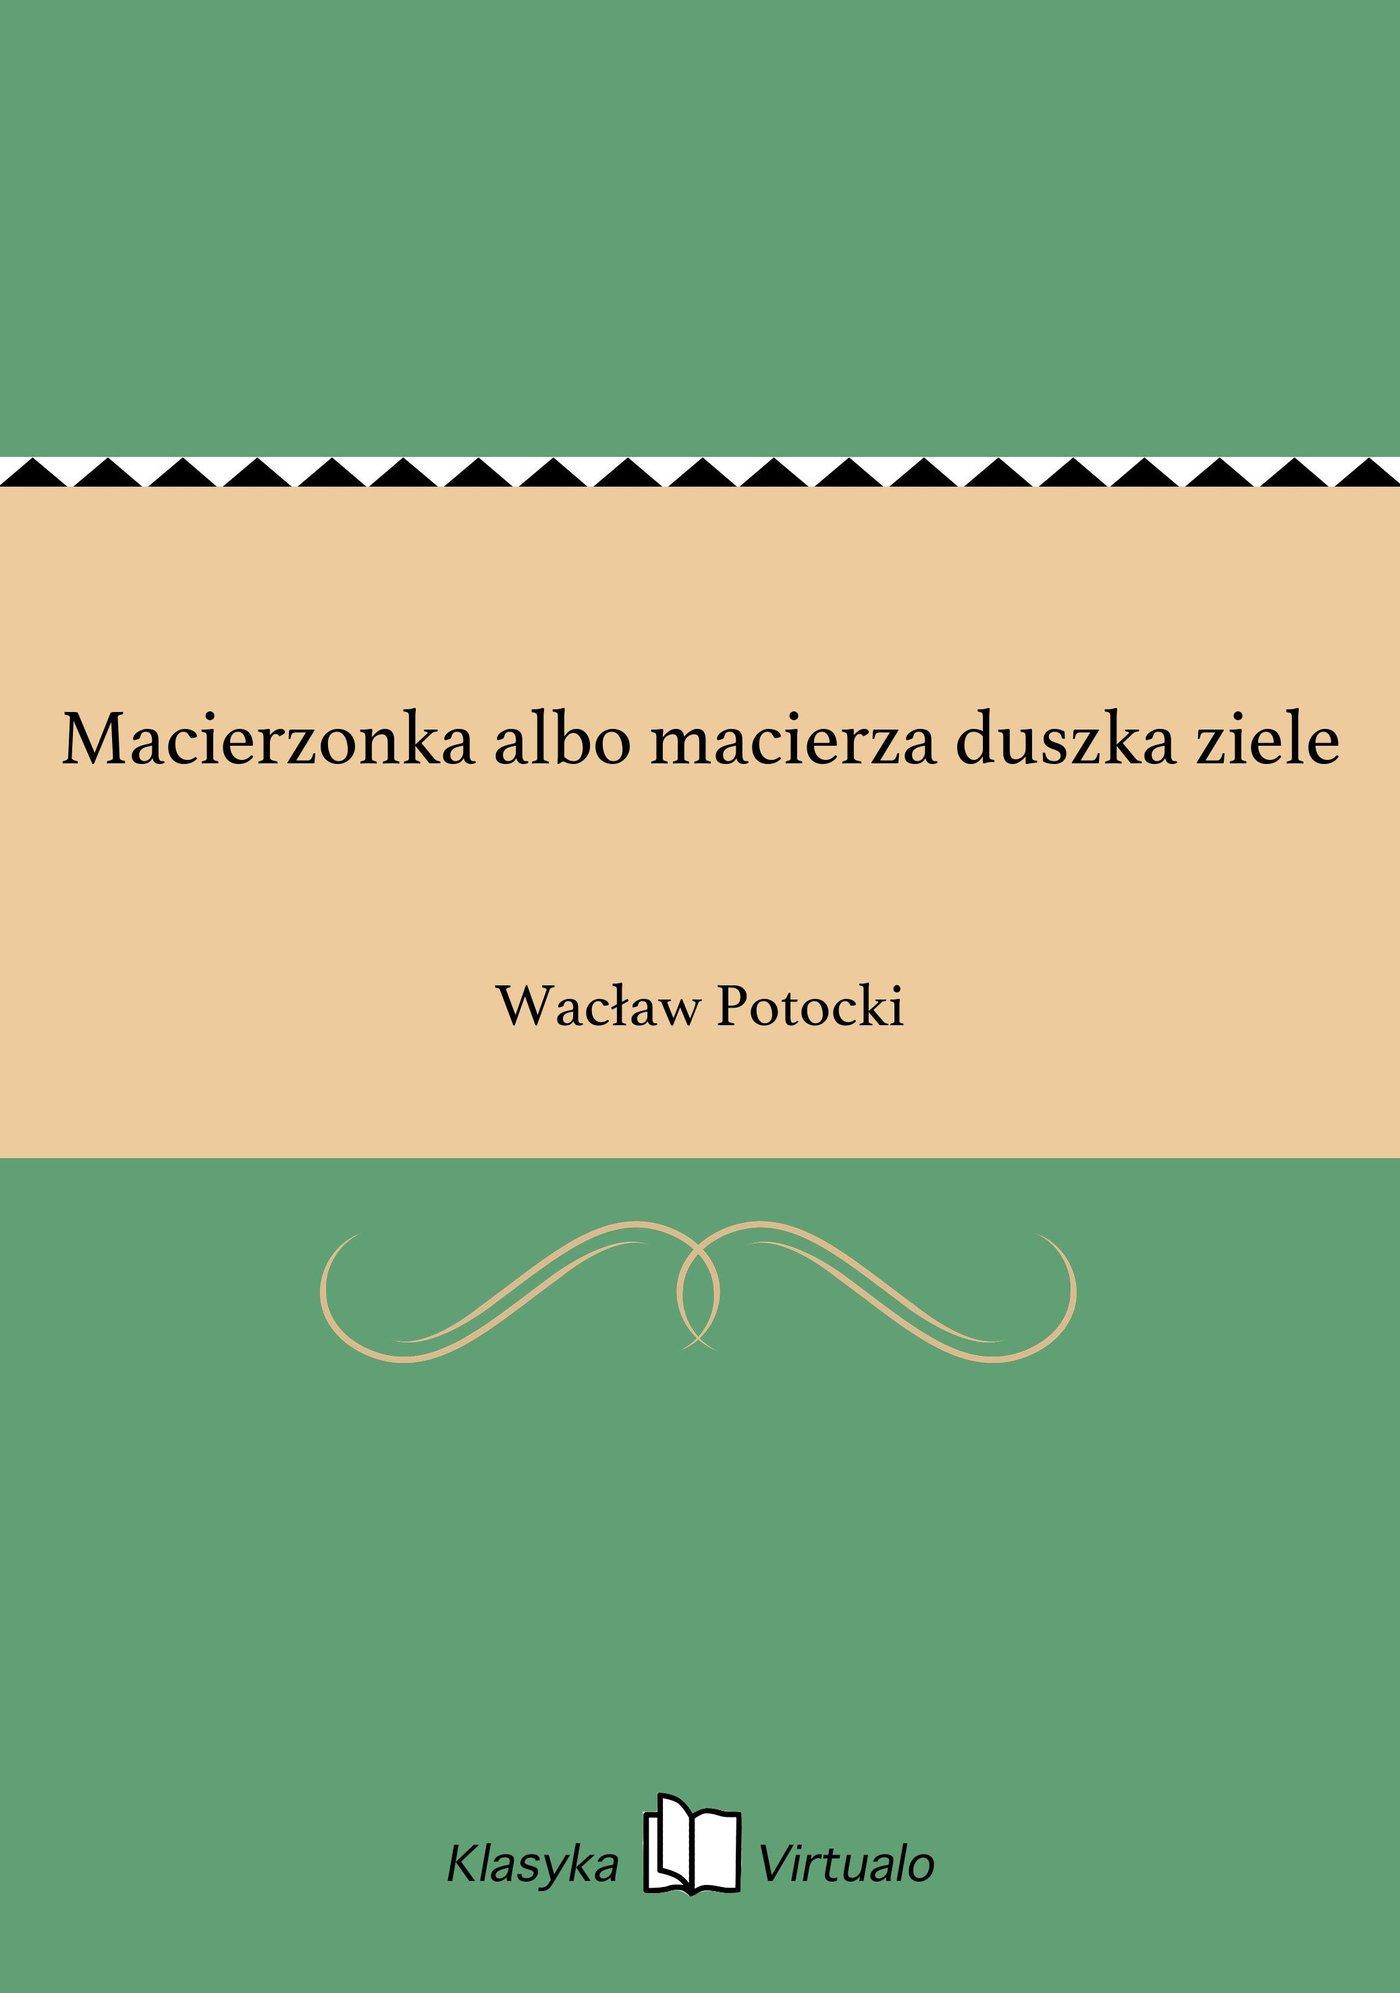 Macierzonka albo macierza duszka ziele - Ebook (Książka EPUB) do pobrania w formacie EPUB